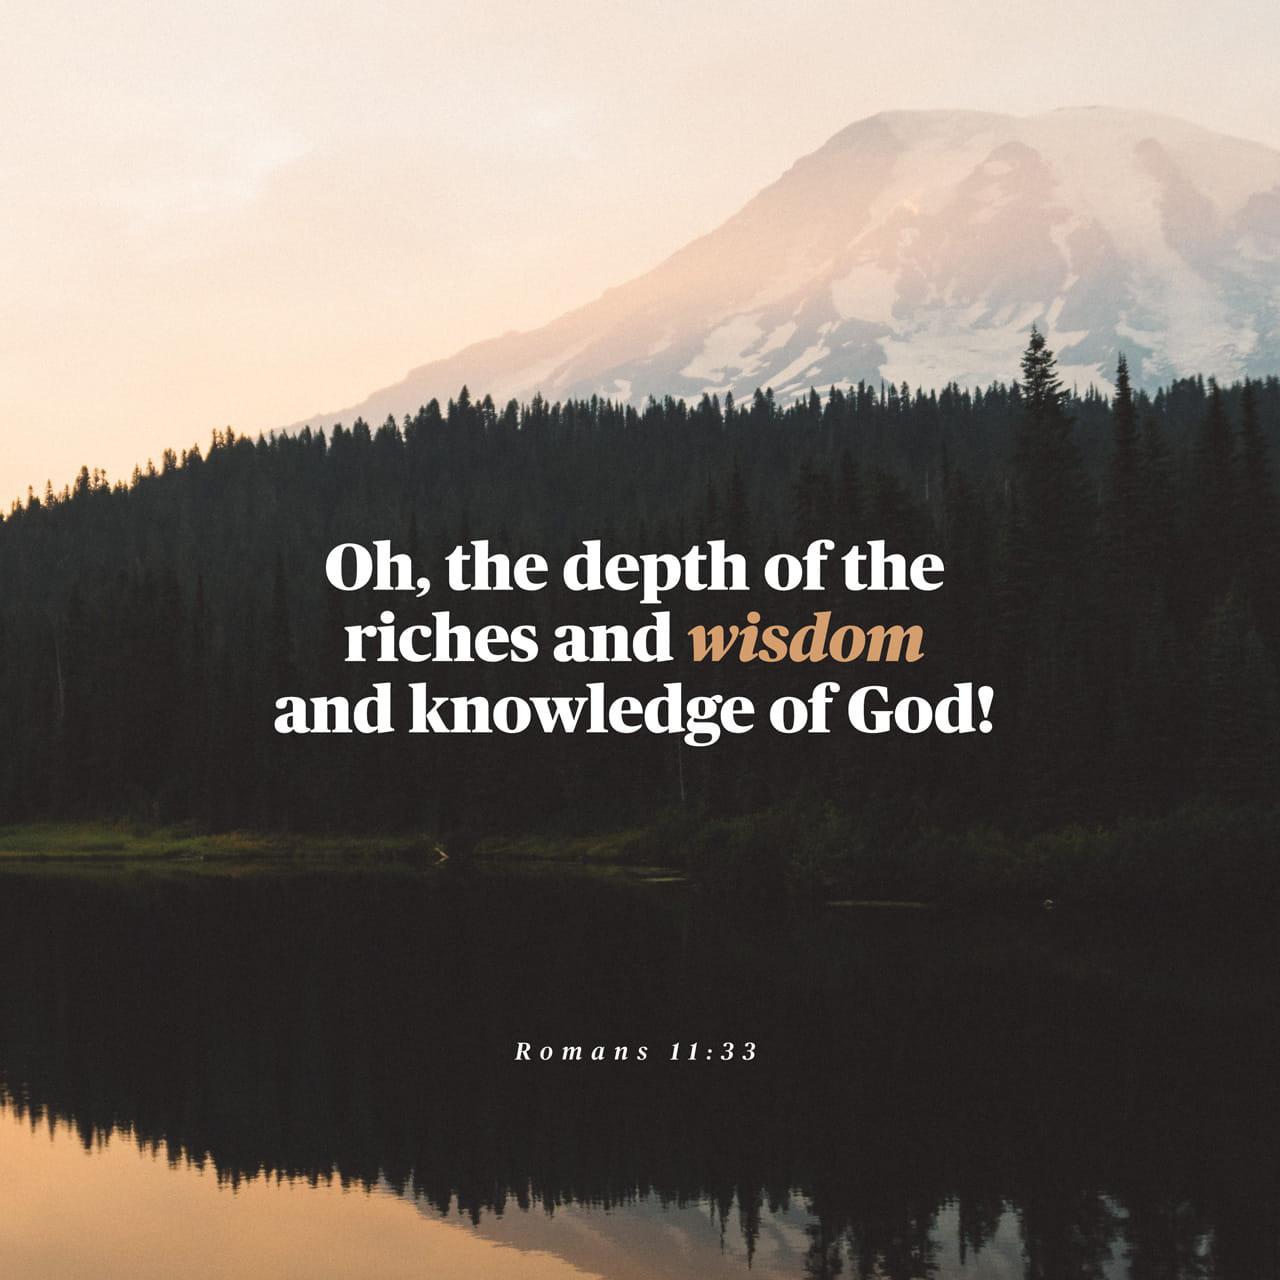 Romanos 11:33 Como são grandes as riquezas de Deus! Como são profundos o seu conhecimento e a sua sabedoria! Quem pode explicar as suas decisões? Quem pode entender os seus planos? | Nova Tradução na Linguagem de Hoje (NTLH)